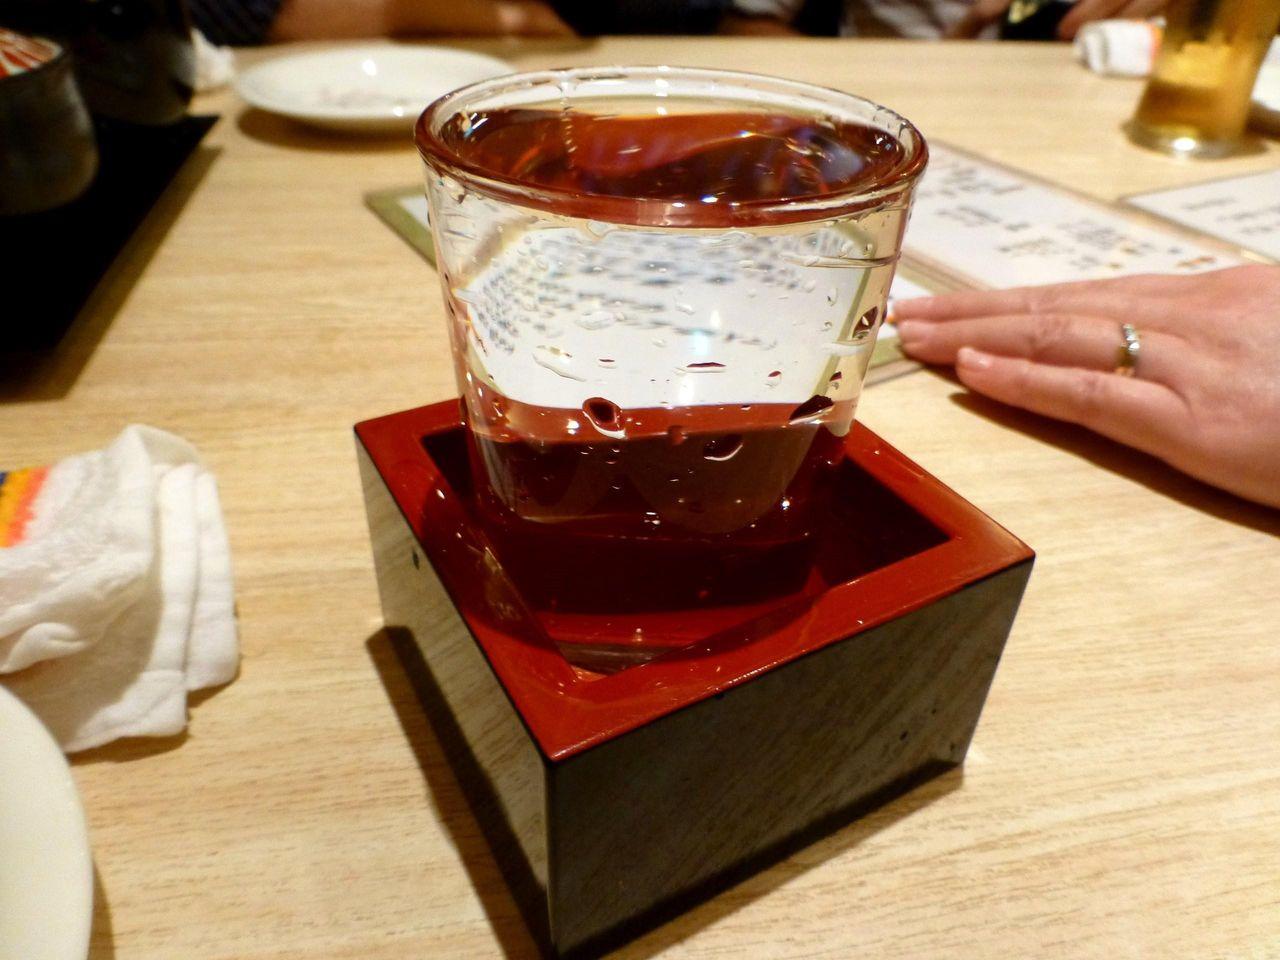 日本酒は升にこぼれるまで注いでくれます!